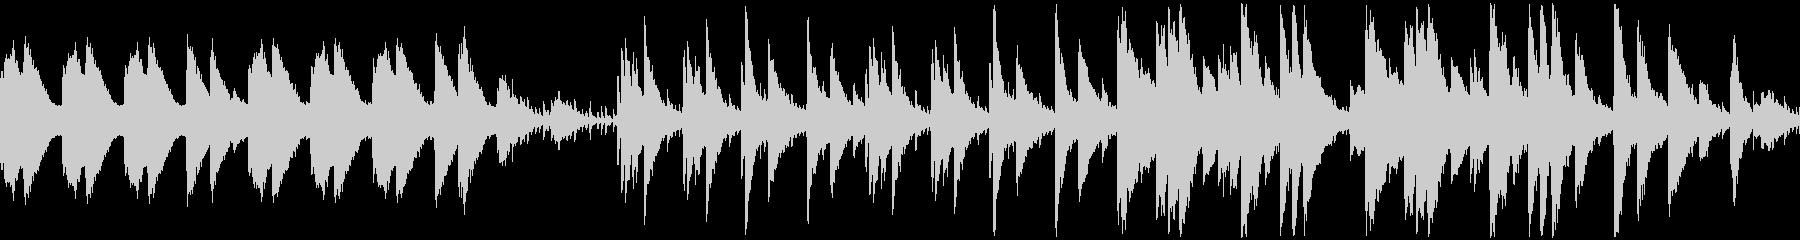 印象画のようなムードのピアノ曲の未再生の波形